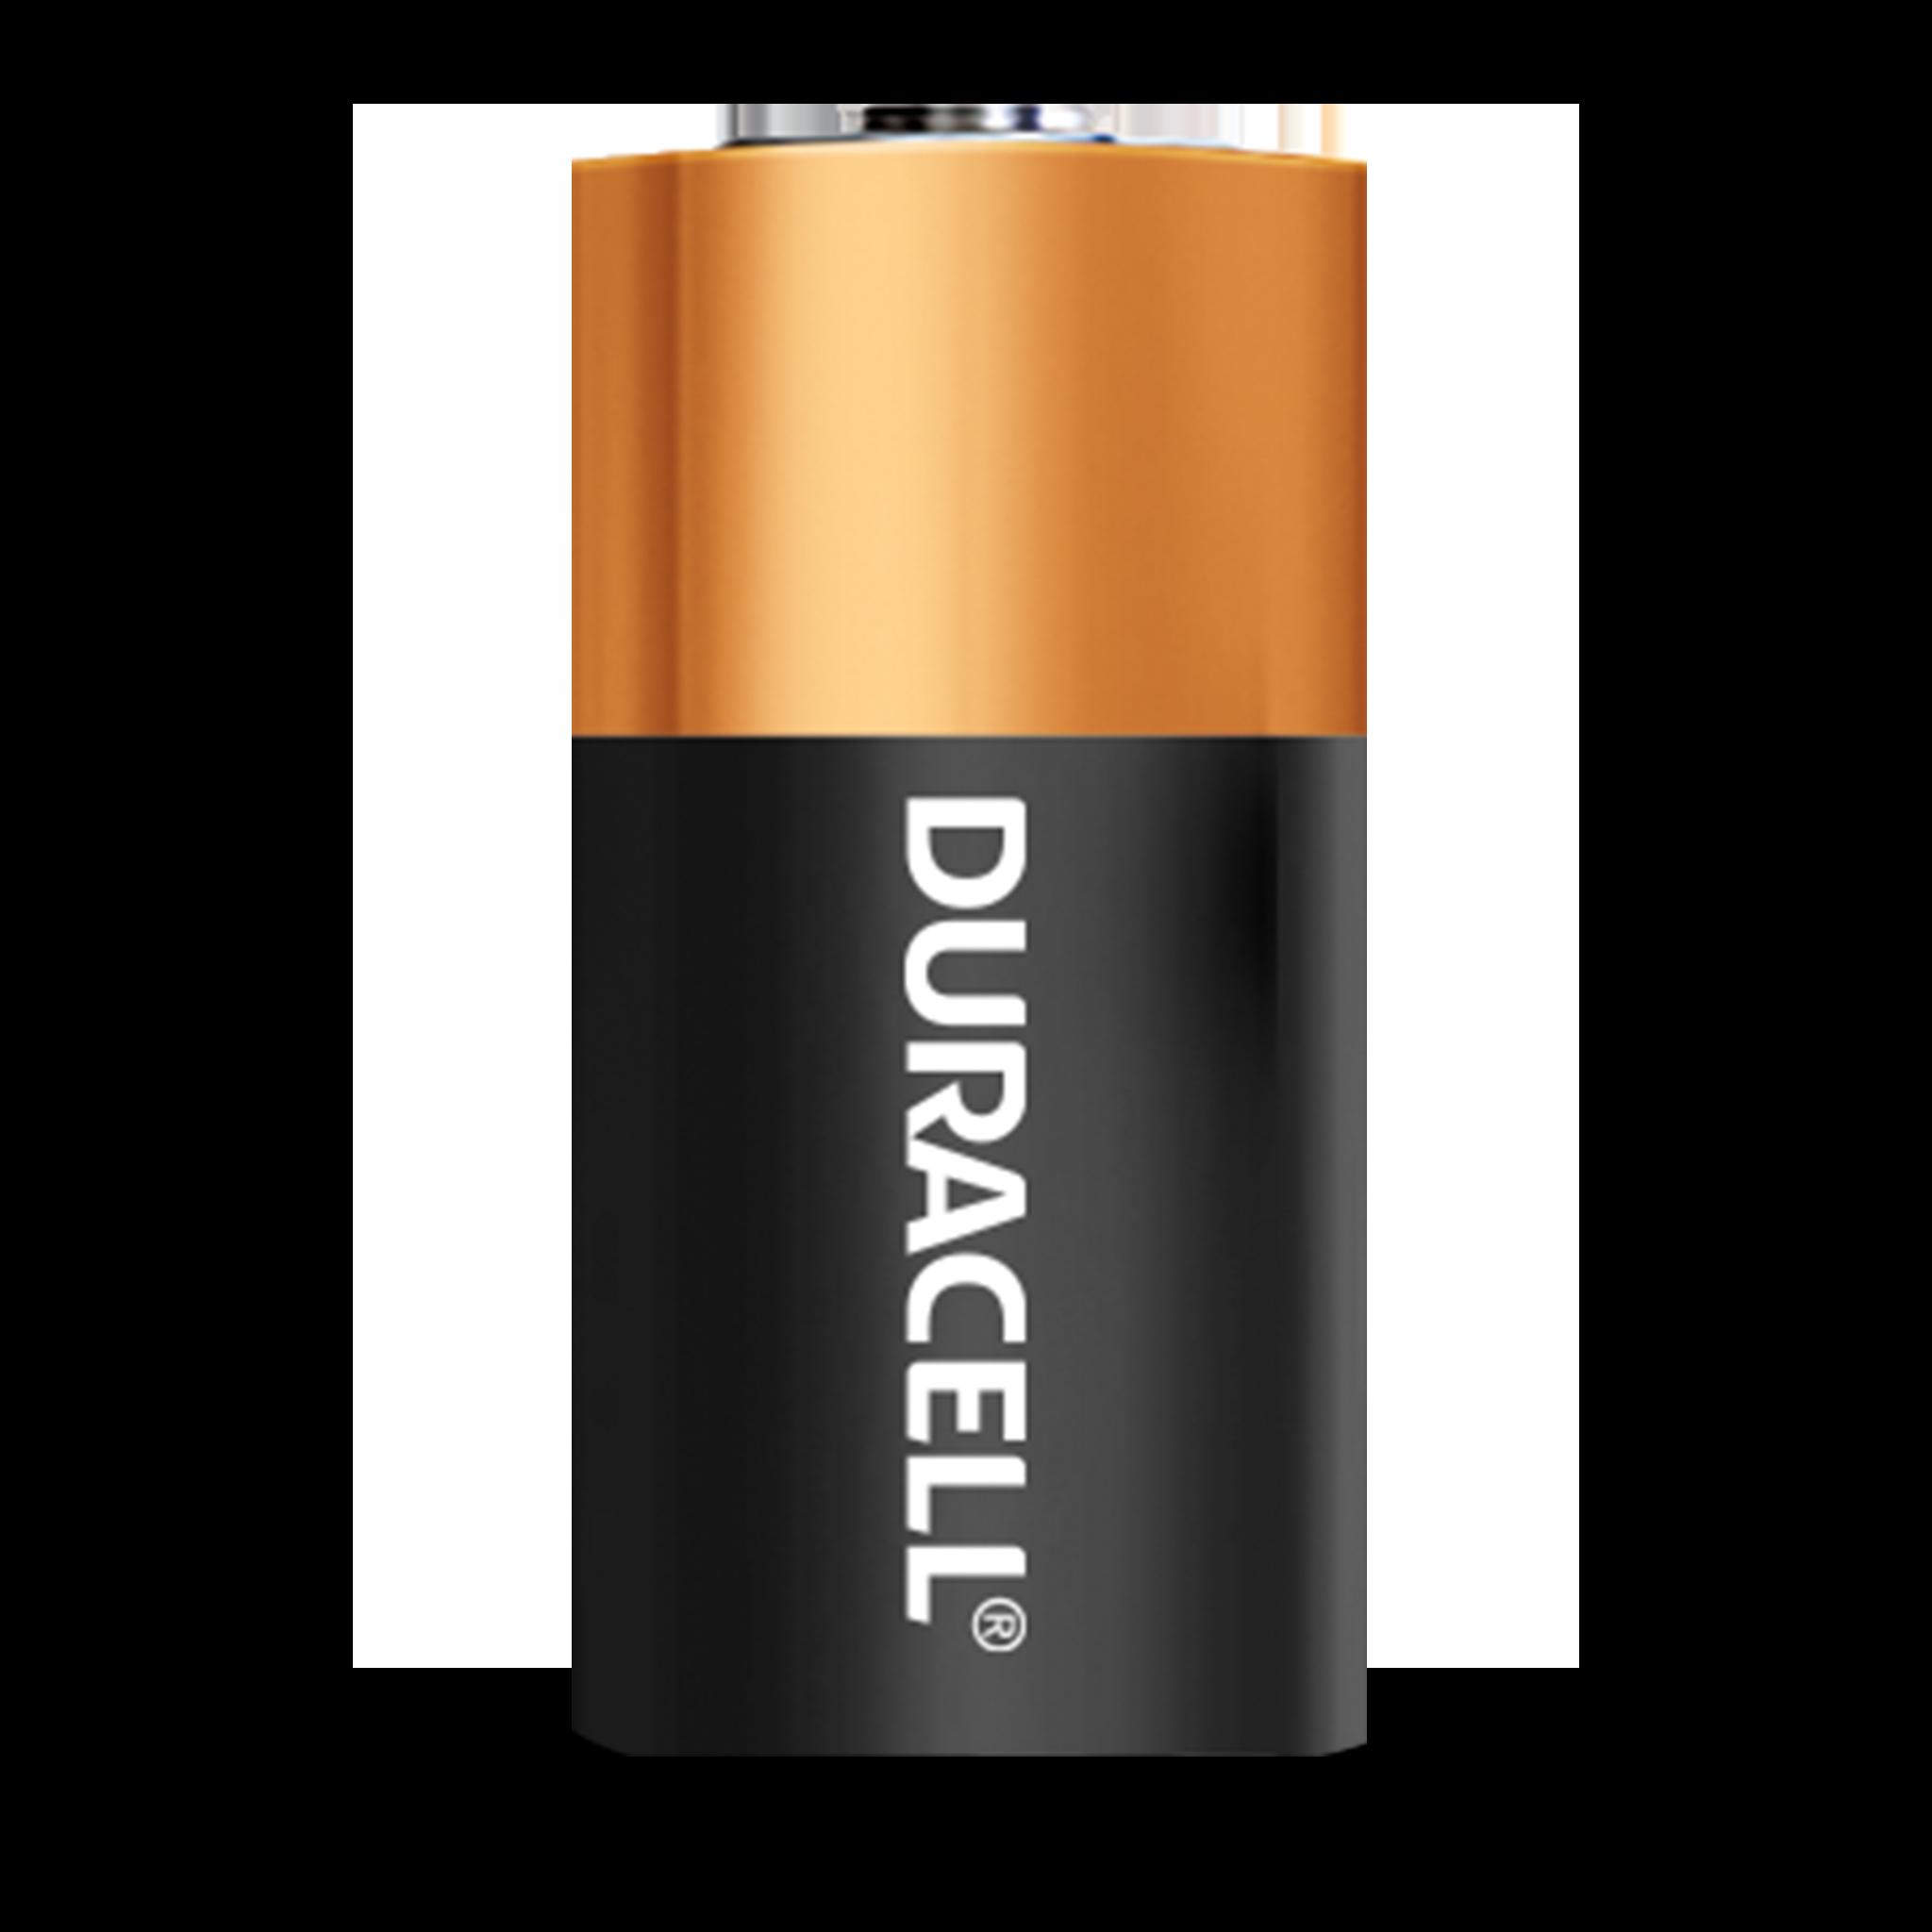 Standalone 28A battery